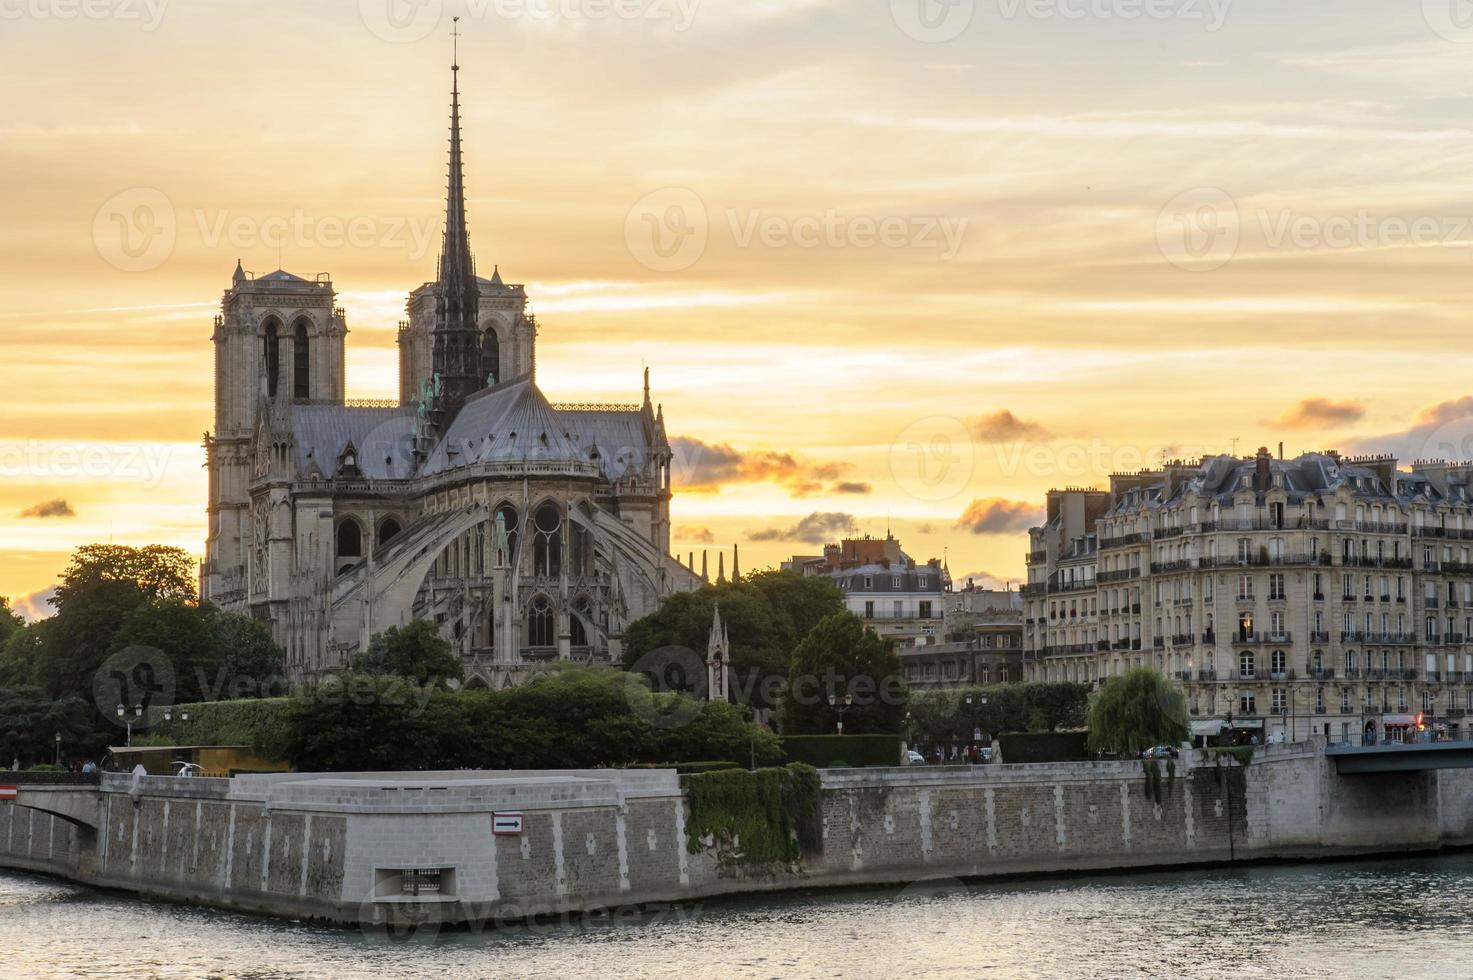 vue de nuit de la cathédrale notre dame de paris photo